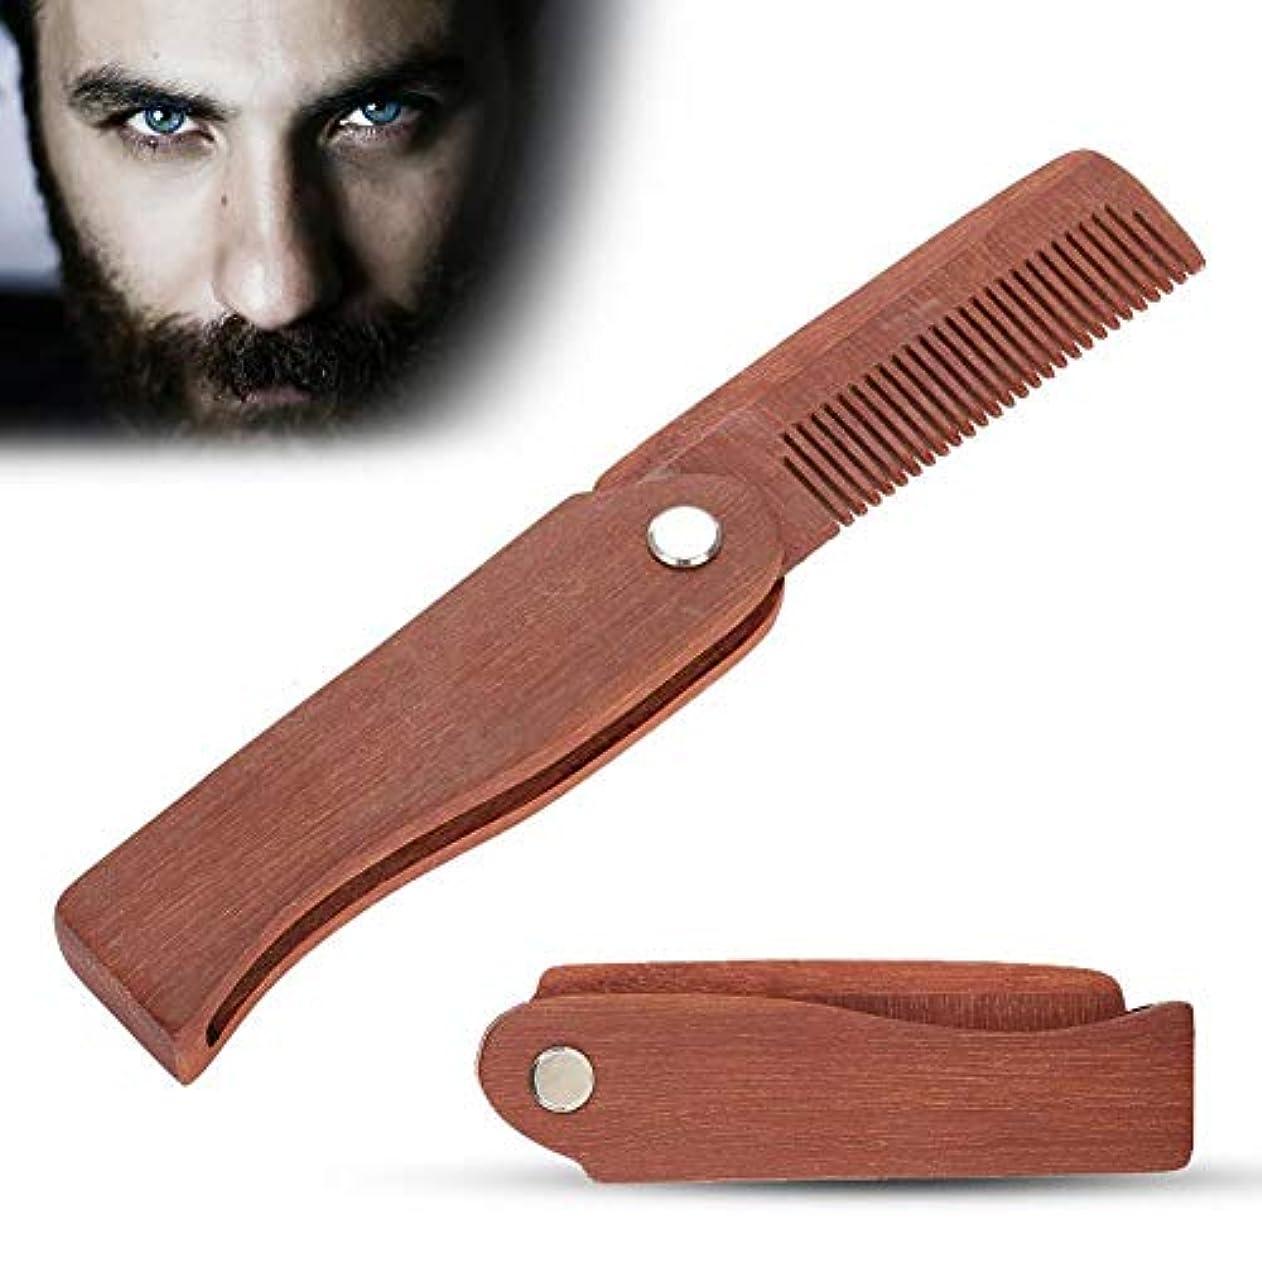 考古学万一に備えてサロンひげ髪櫛 ヘアコーム メンズ 櫛 静電気防止 木製 折りたたみ 男性 メンズ 贈り物